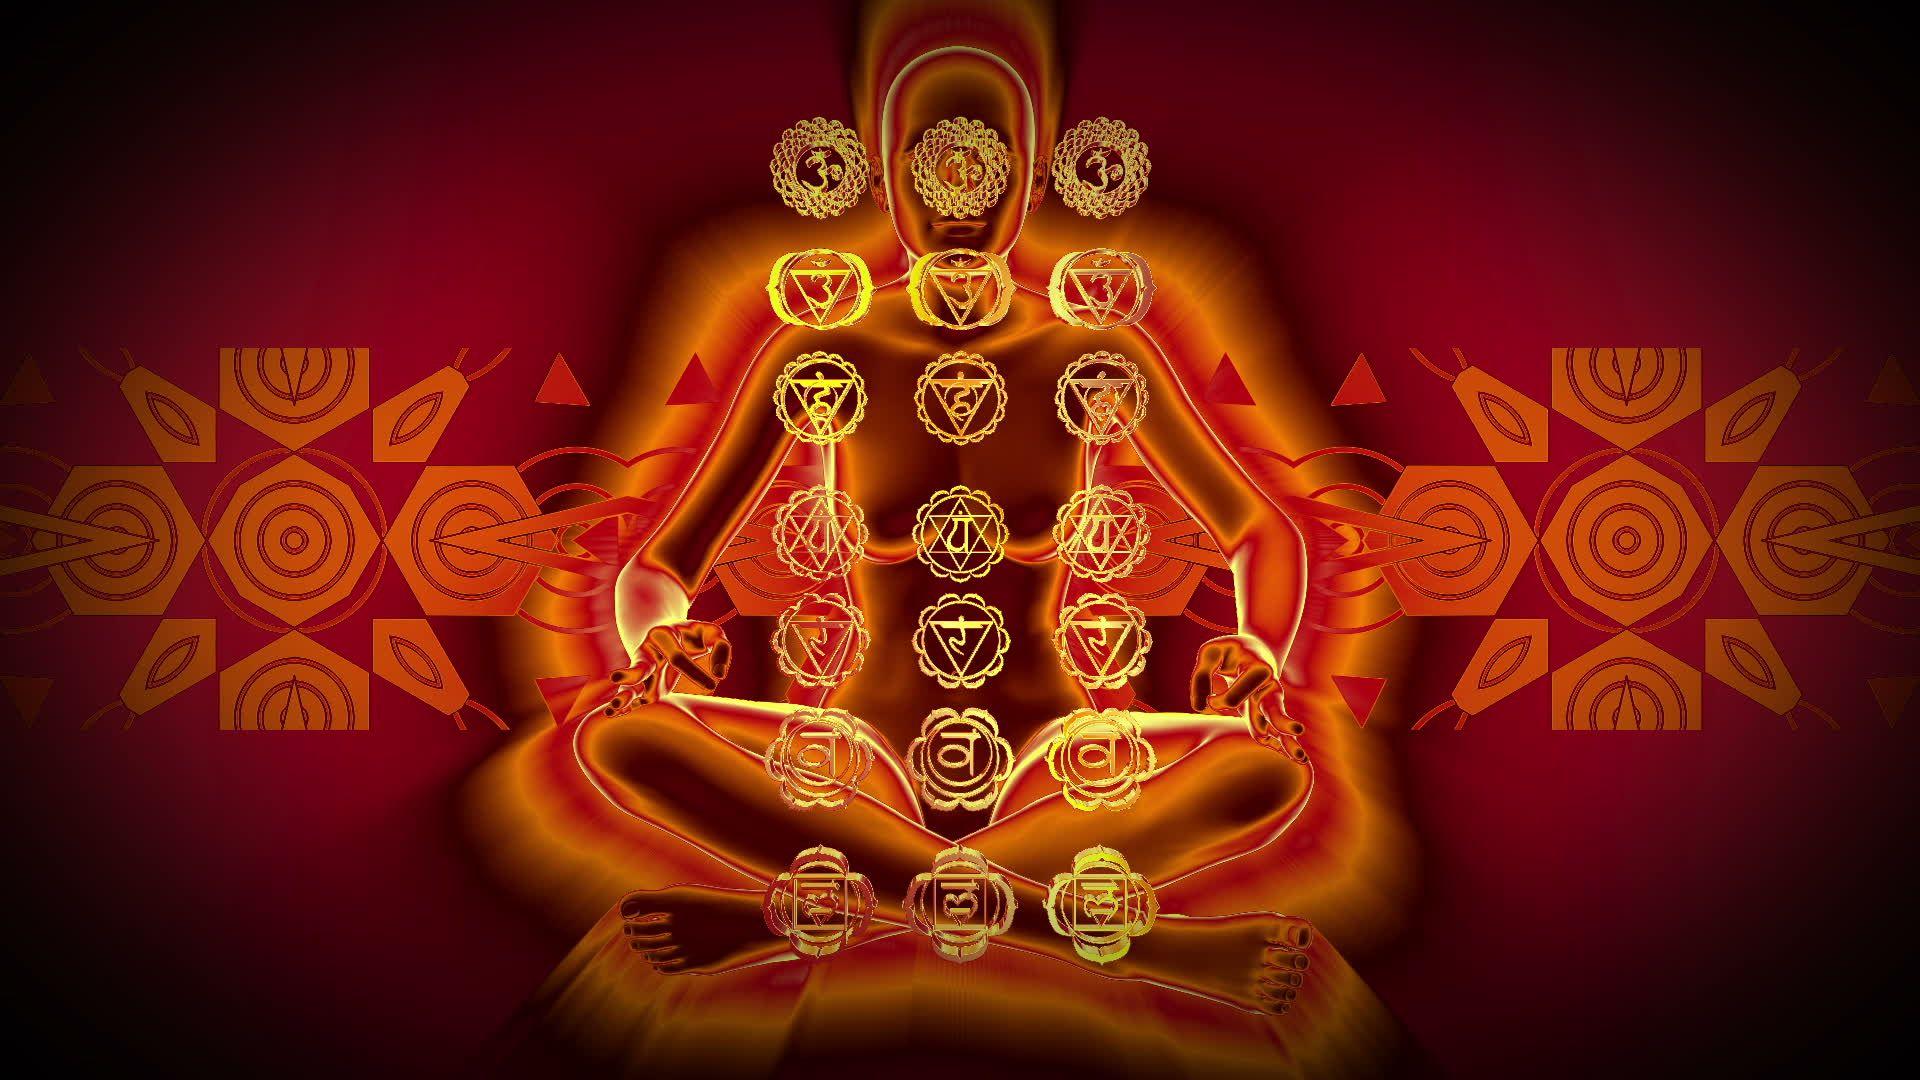 Chakra Desktop Wallpaper